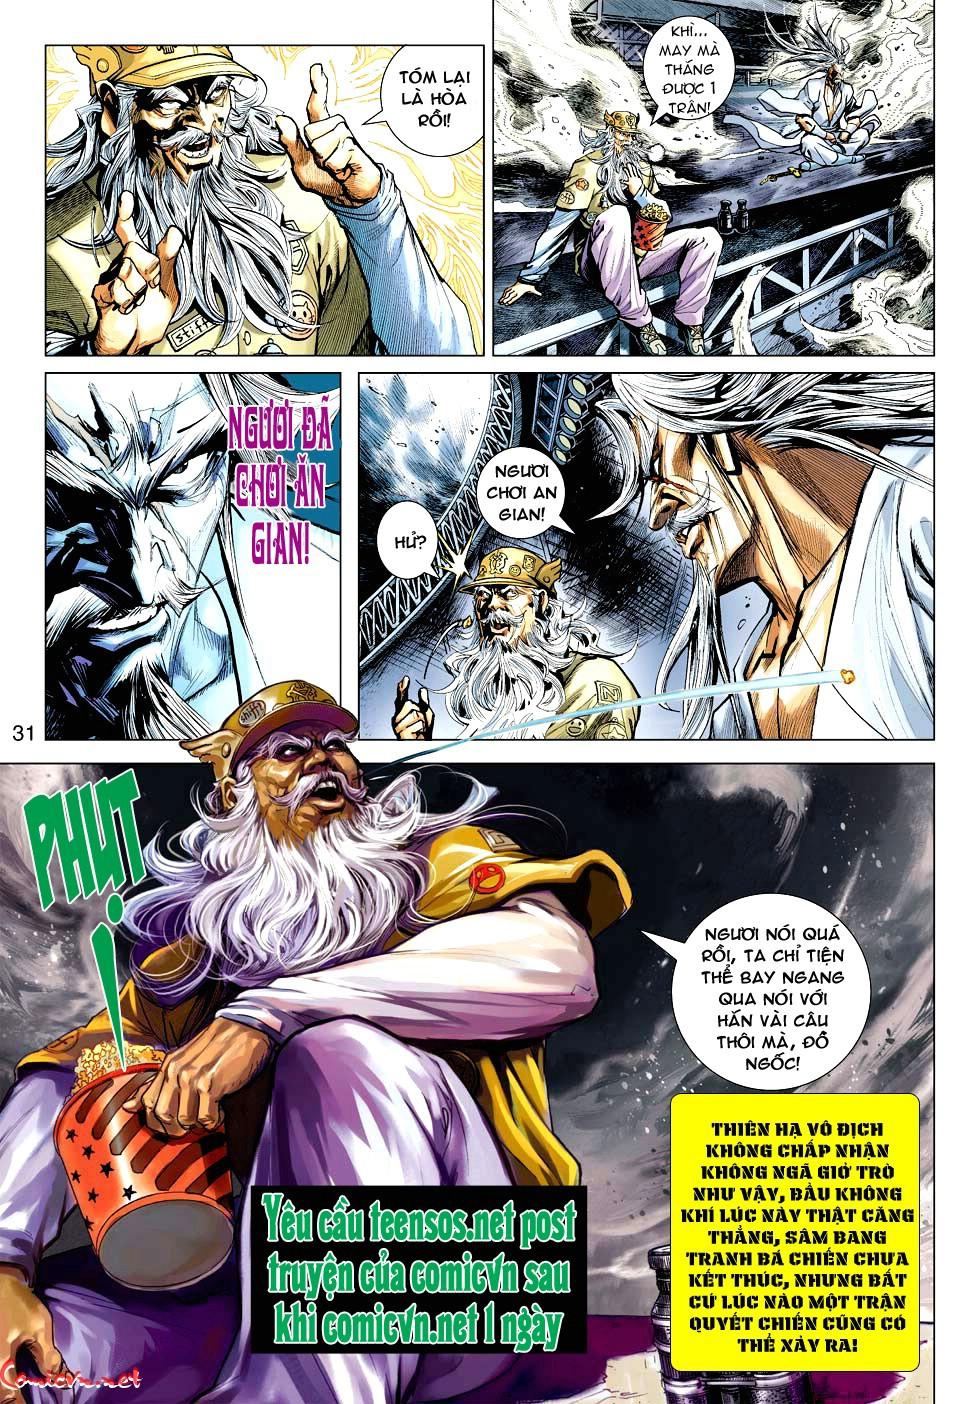 Vương Phong Lôi 1 chap 30 - Trang 28